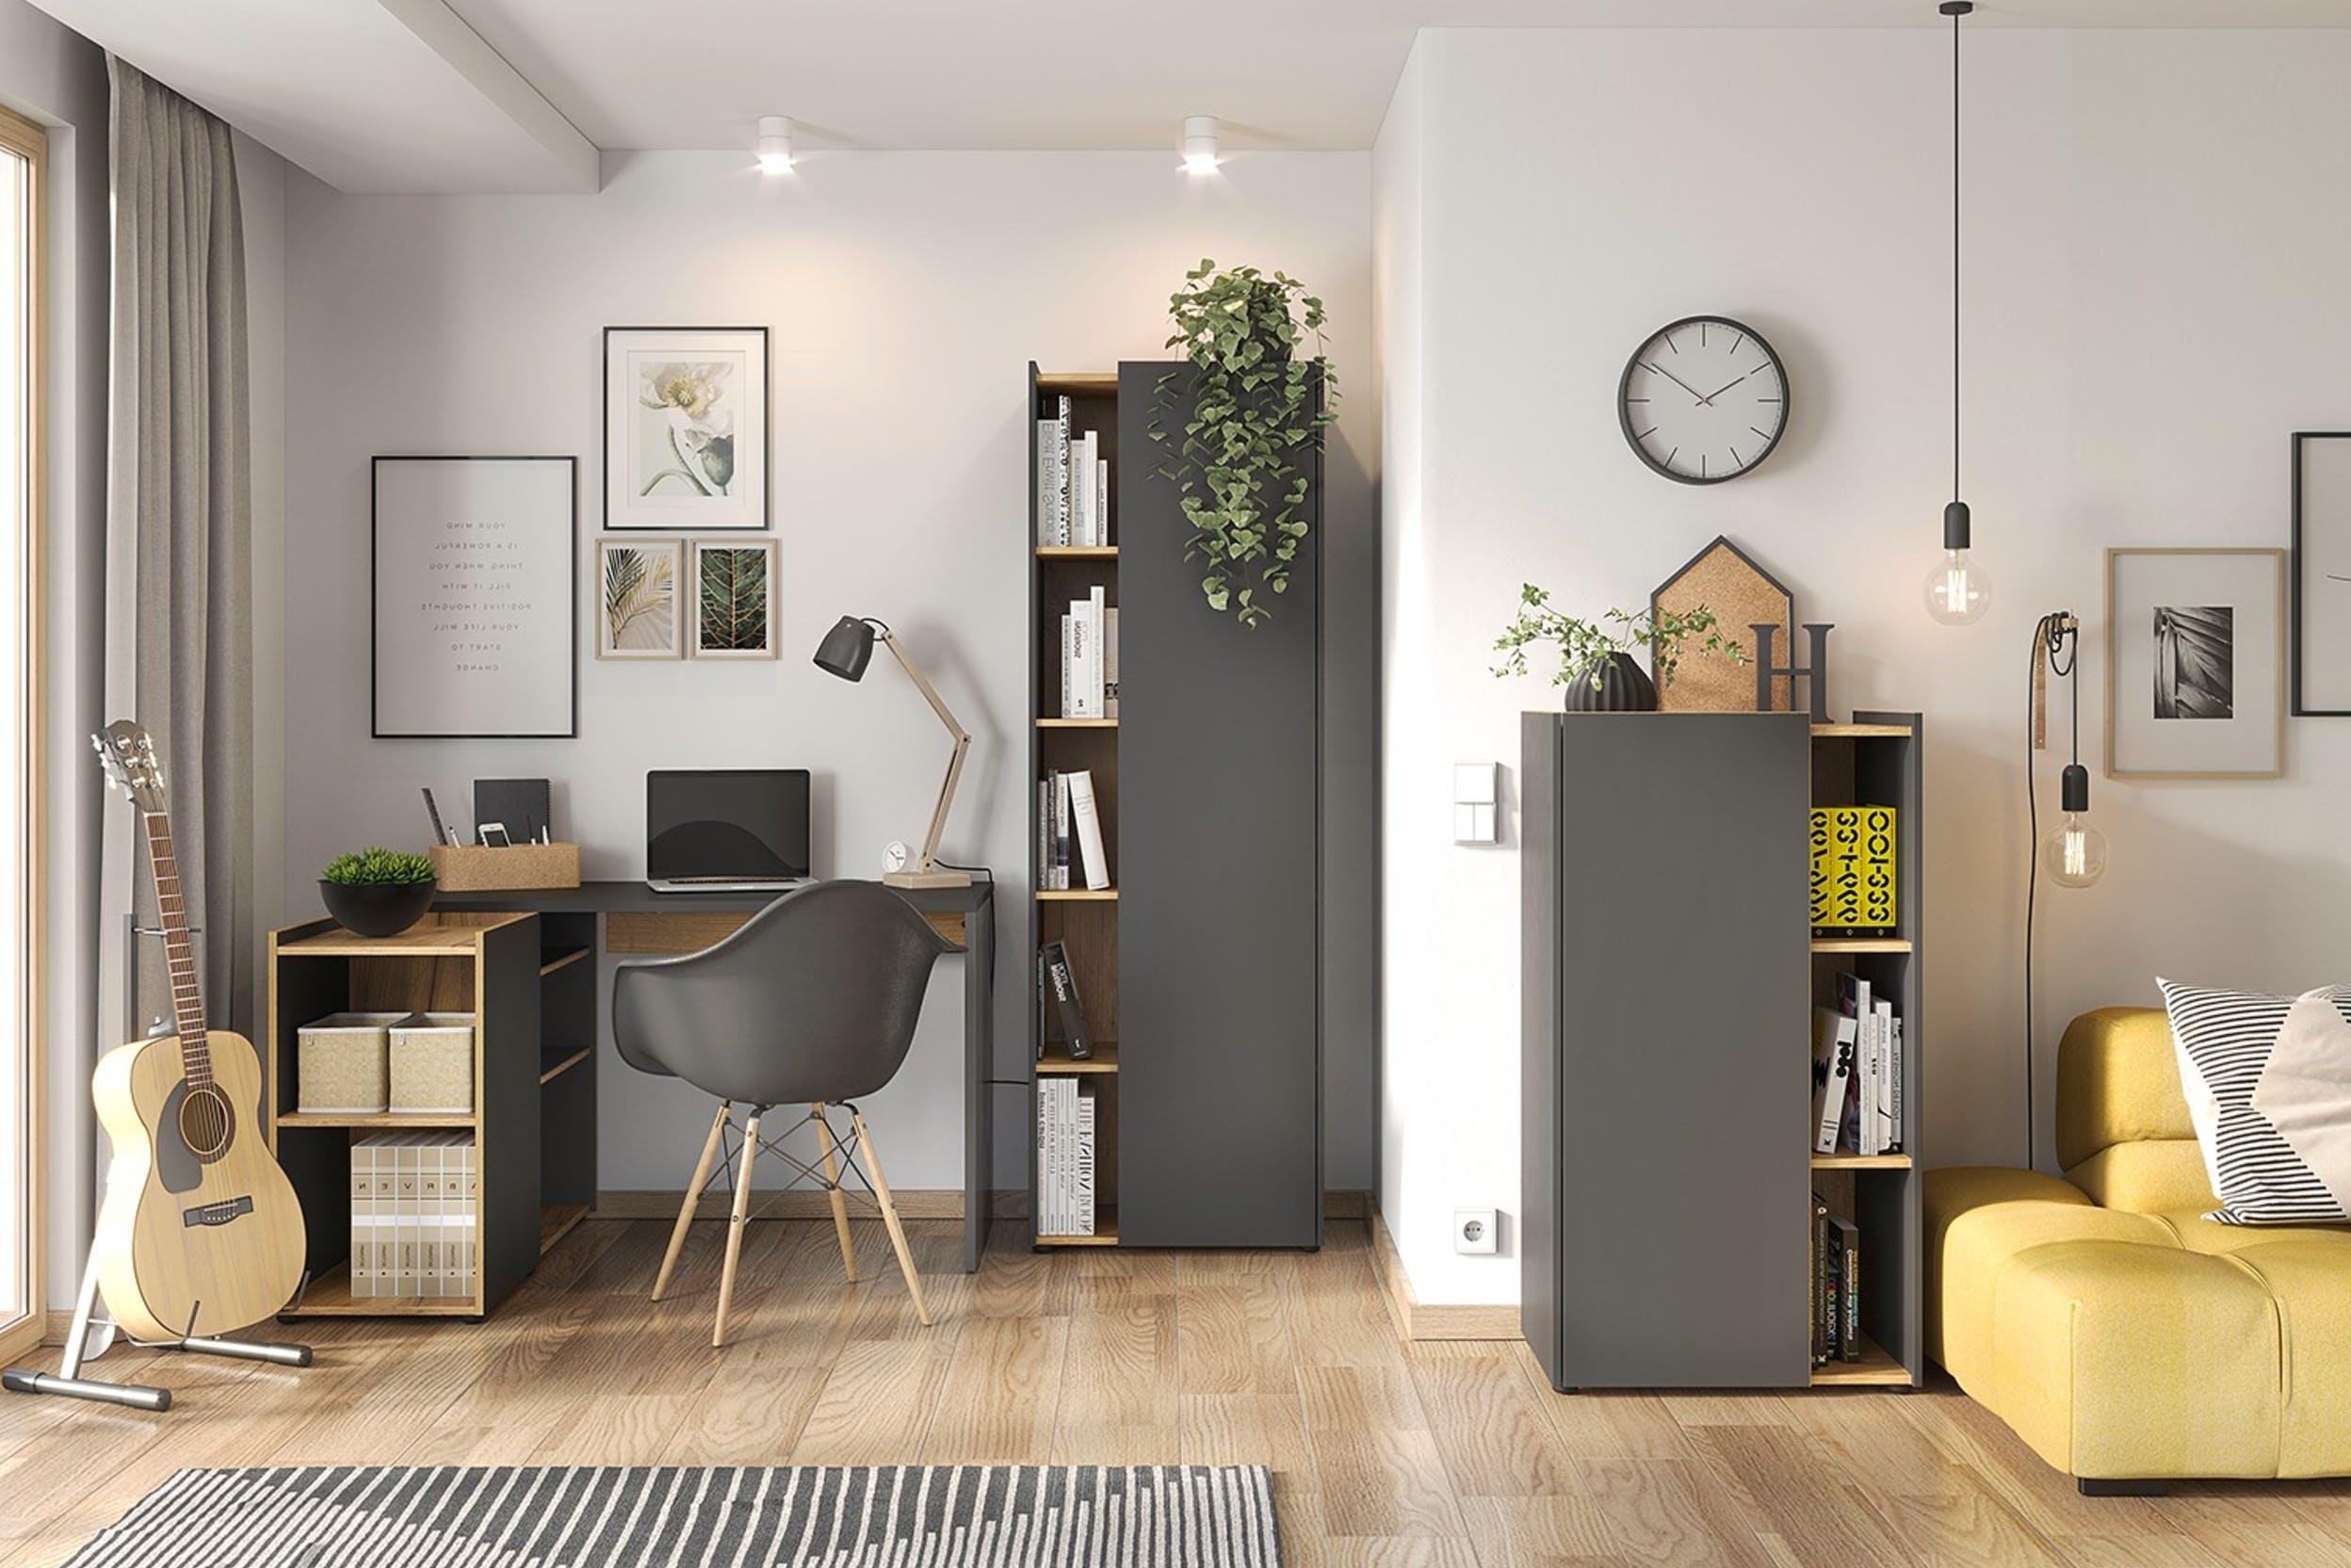 Clever integriertes Home-Office auf wenig Platz